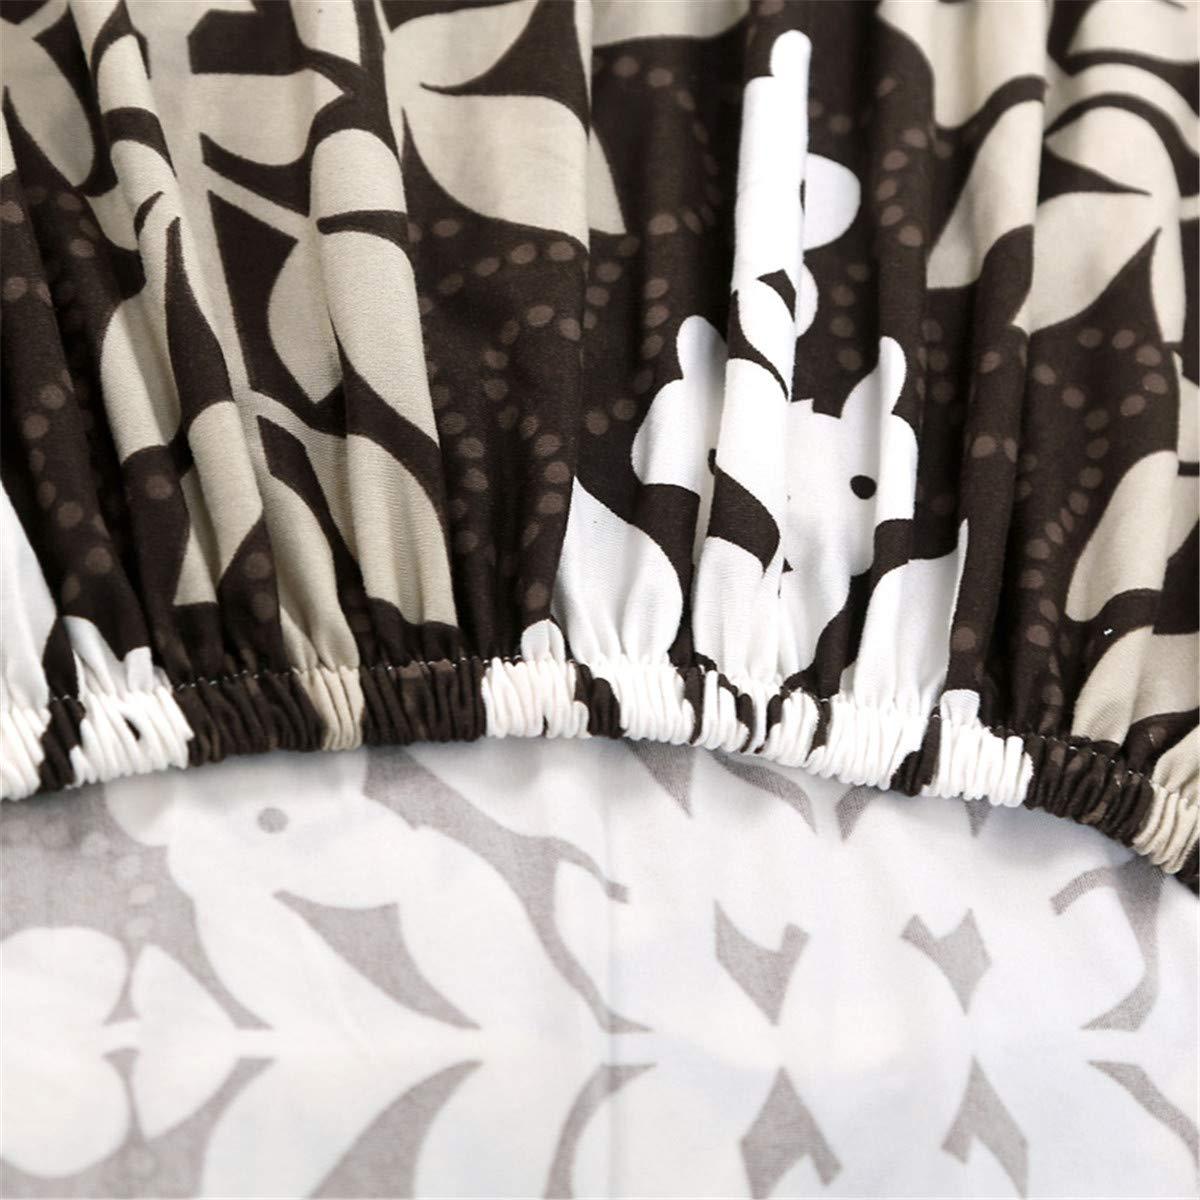 Odot Home Funda de Sof/á El/ástica 1 Asiento: 90-140cm,Flor Cubierta Antideslizante Universal Tejido Cubre Sof/á Proteger Decoraci/ón del Hogar Fundas de Sofa